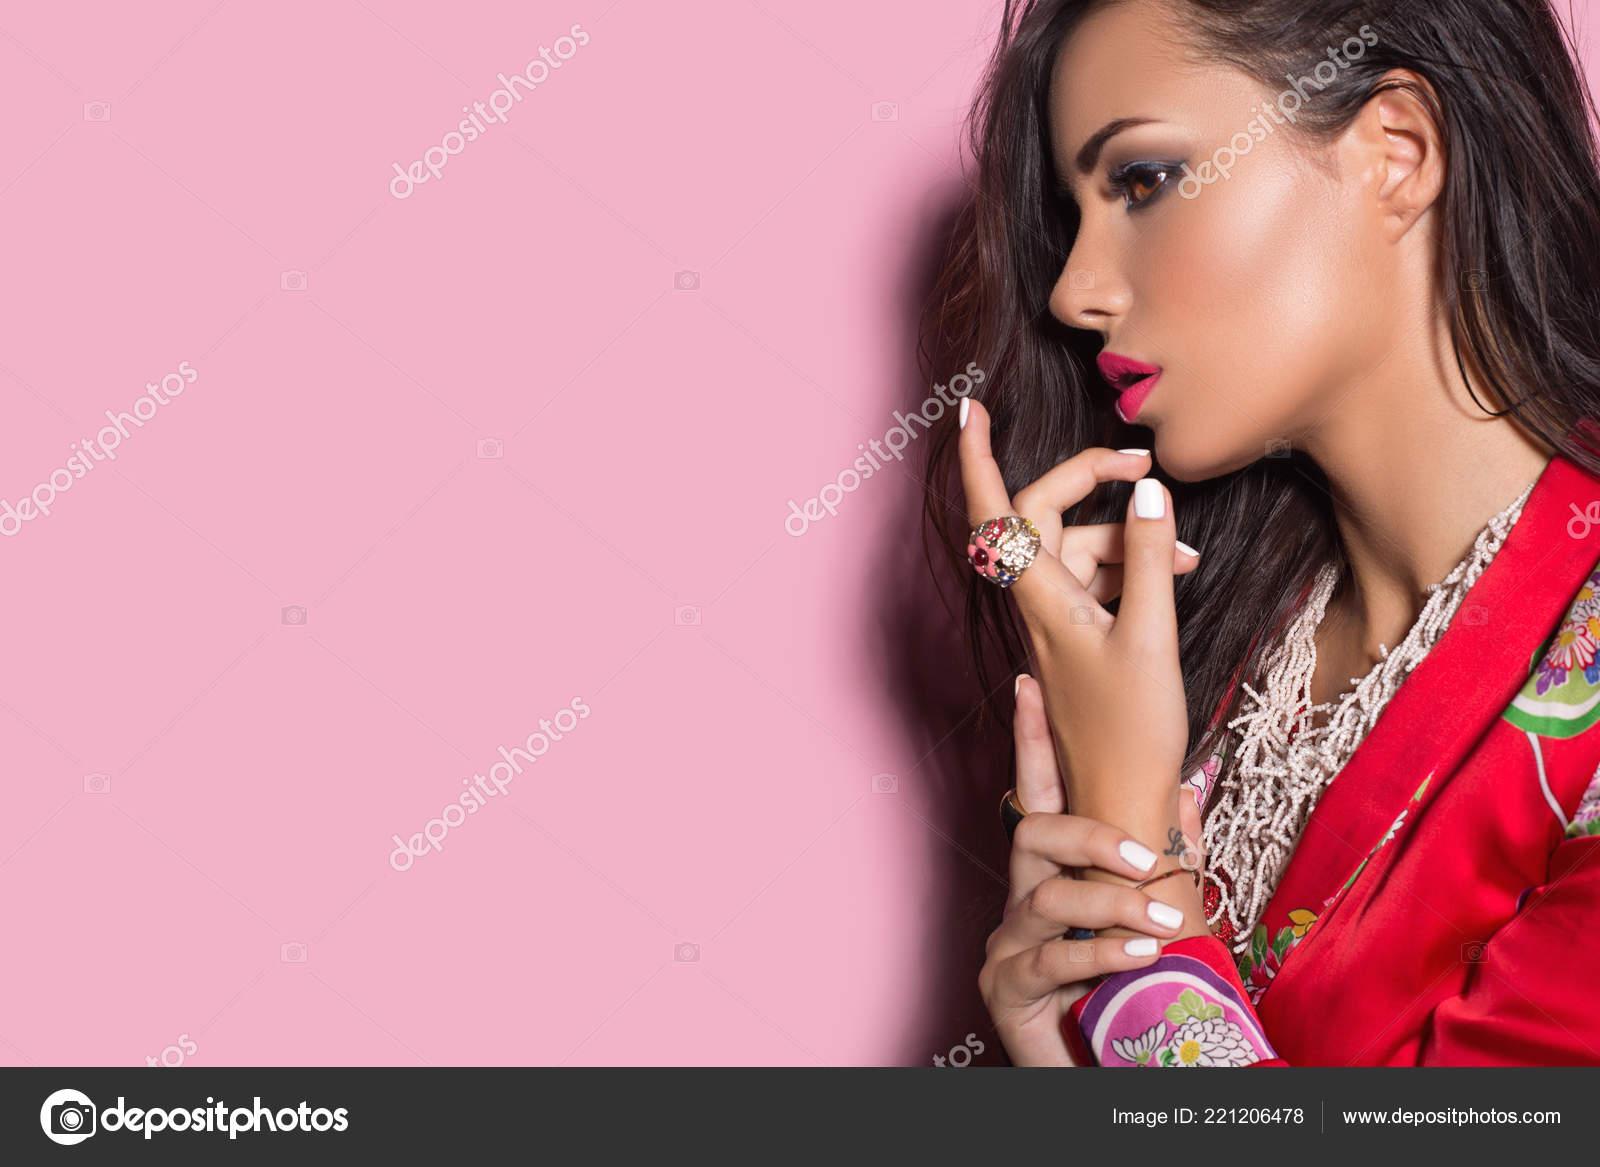 Красота Женщины Брюнетка Идеальный Макияж Носить Стильные Украшения  Аксессуары ... 33cf0f0a6a4